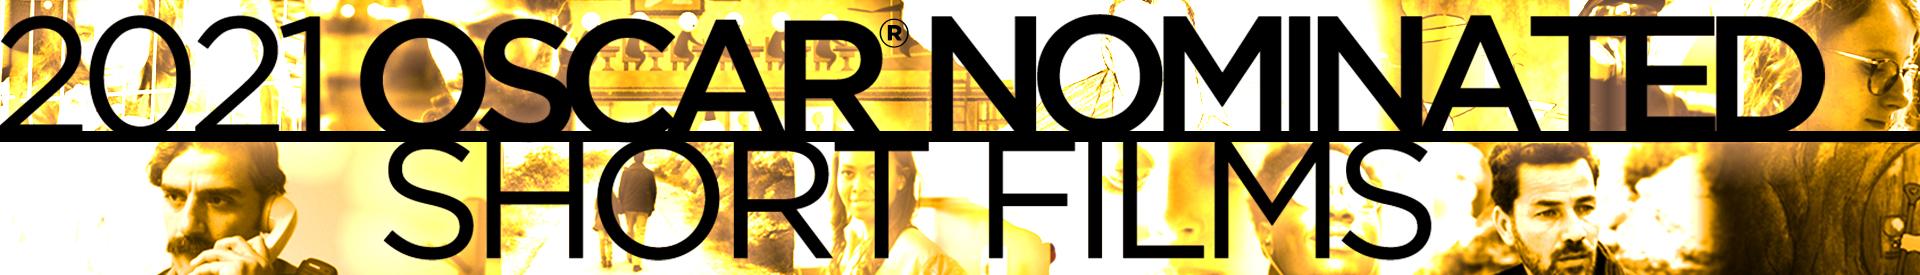 Interfilm Berlin - Oscar Nominated Short Films 2021